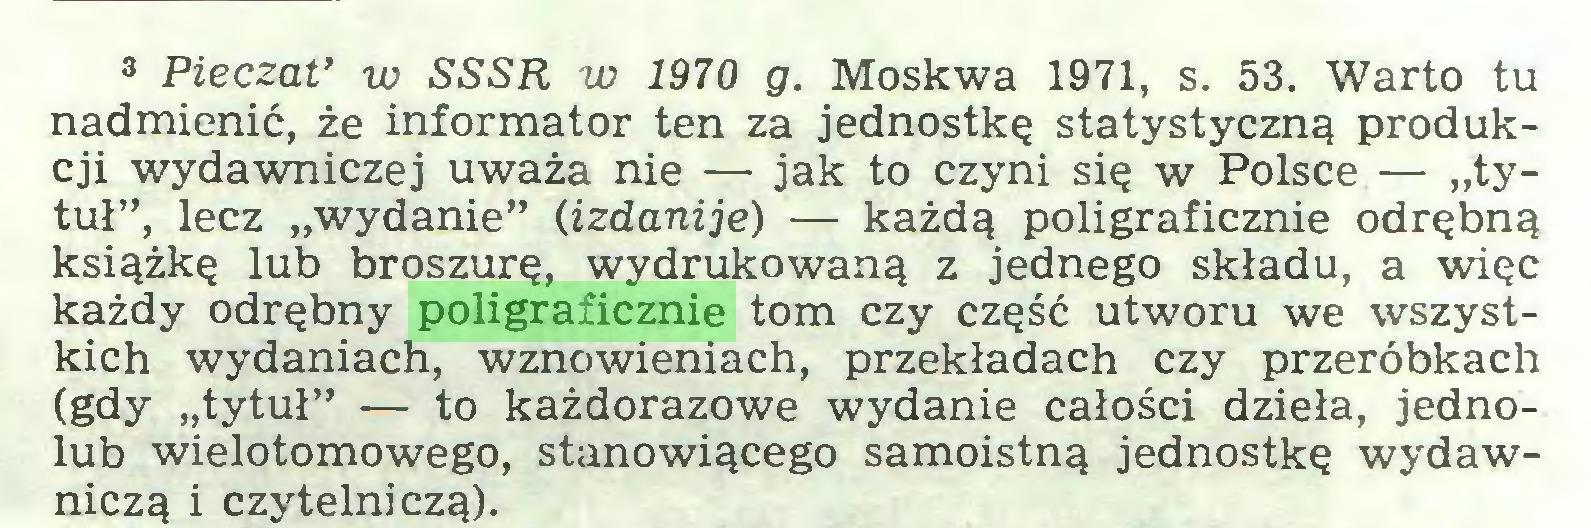 """(...) 3 Pieczat' w SSSR w 1970 g. Moskwa 1971, s. 53. Warto tu nadmienić, że informator ten za jednostkę statystyczną produkcji wydawniczej uważa nie — jak to czyni się w Polsce — """"tytuł"""", lecz """"wydanie"""" (izdanije) — każdą poligraficznie odrębną książkę lub broszurę, wydrukowaną z jednego składu, a więc każdy odrębny poligraficznie tom czy część utworu we wszystkich wydaniach, wznowieniach, przekładach czy przeróbkach (gdy """"tytuł"""" — to każdorazowe wydanie całości dzieła, jednoiub wielotomowego, stanowiącego samoistną jednostkę wydawniczą i czytelniczą)..."""